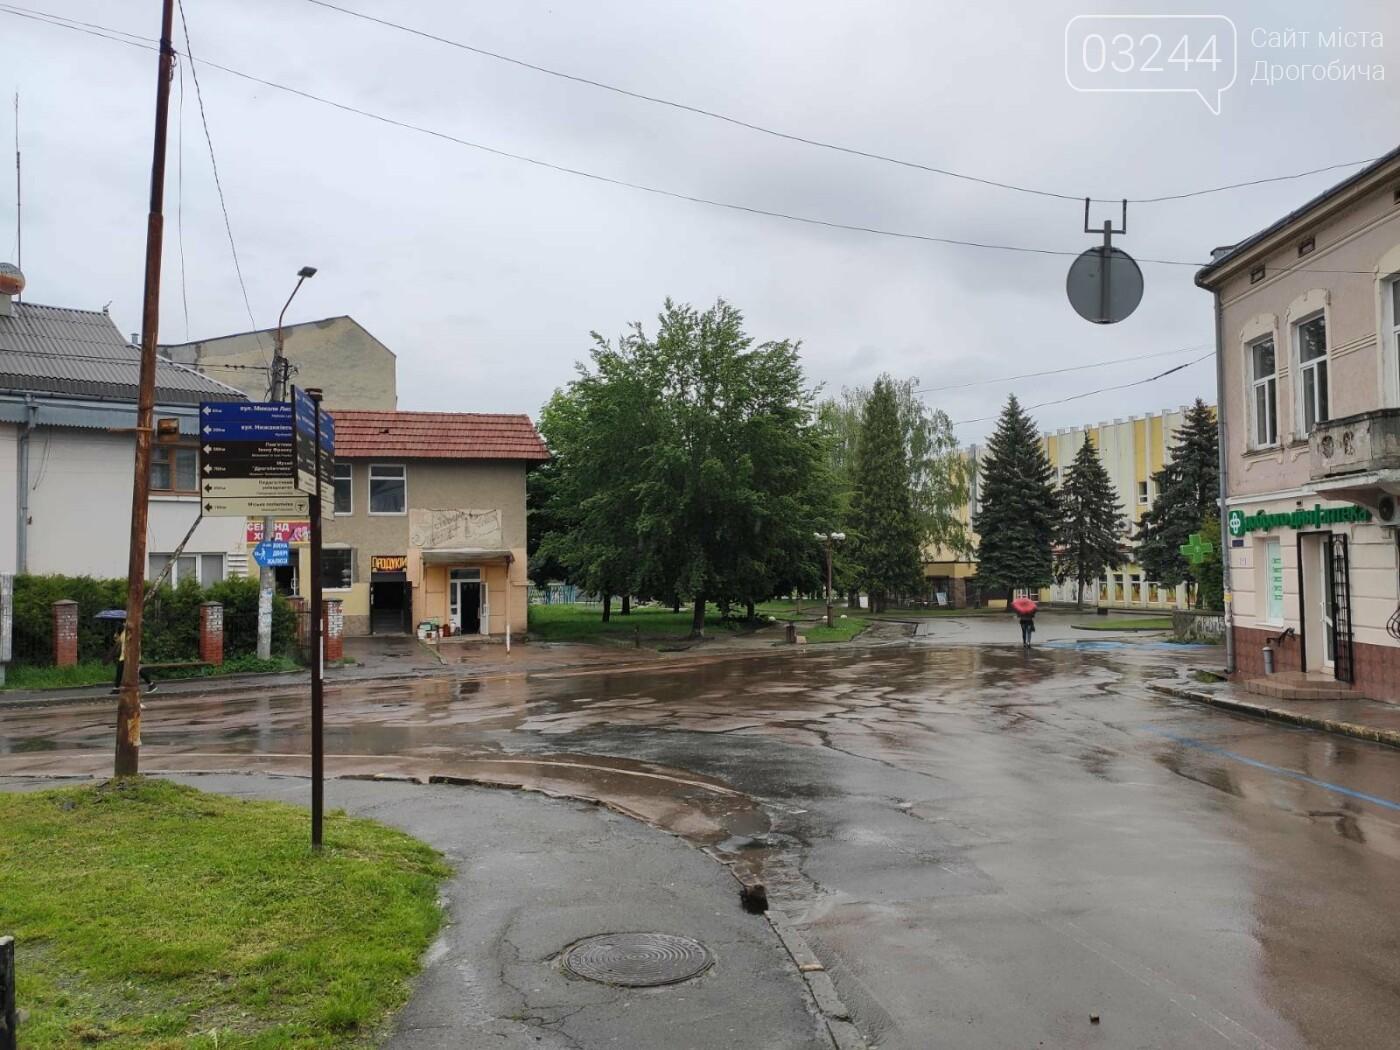 Після запуску платної системи паркування у центрі міста суттєво поменшало машин, - ФОТОРЕПОРТАЖ, фото-16